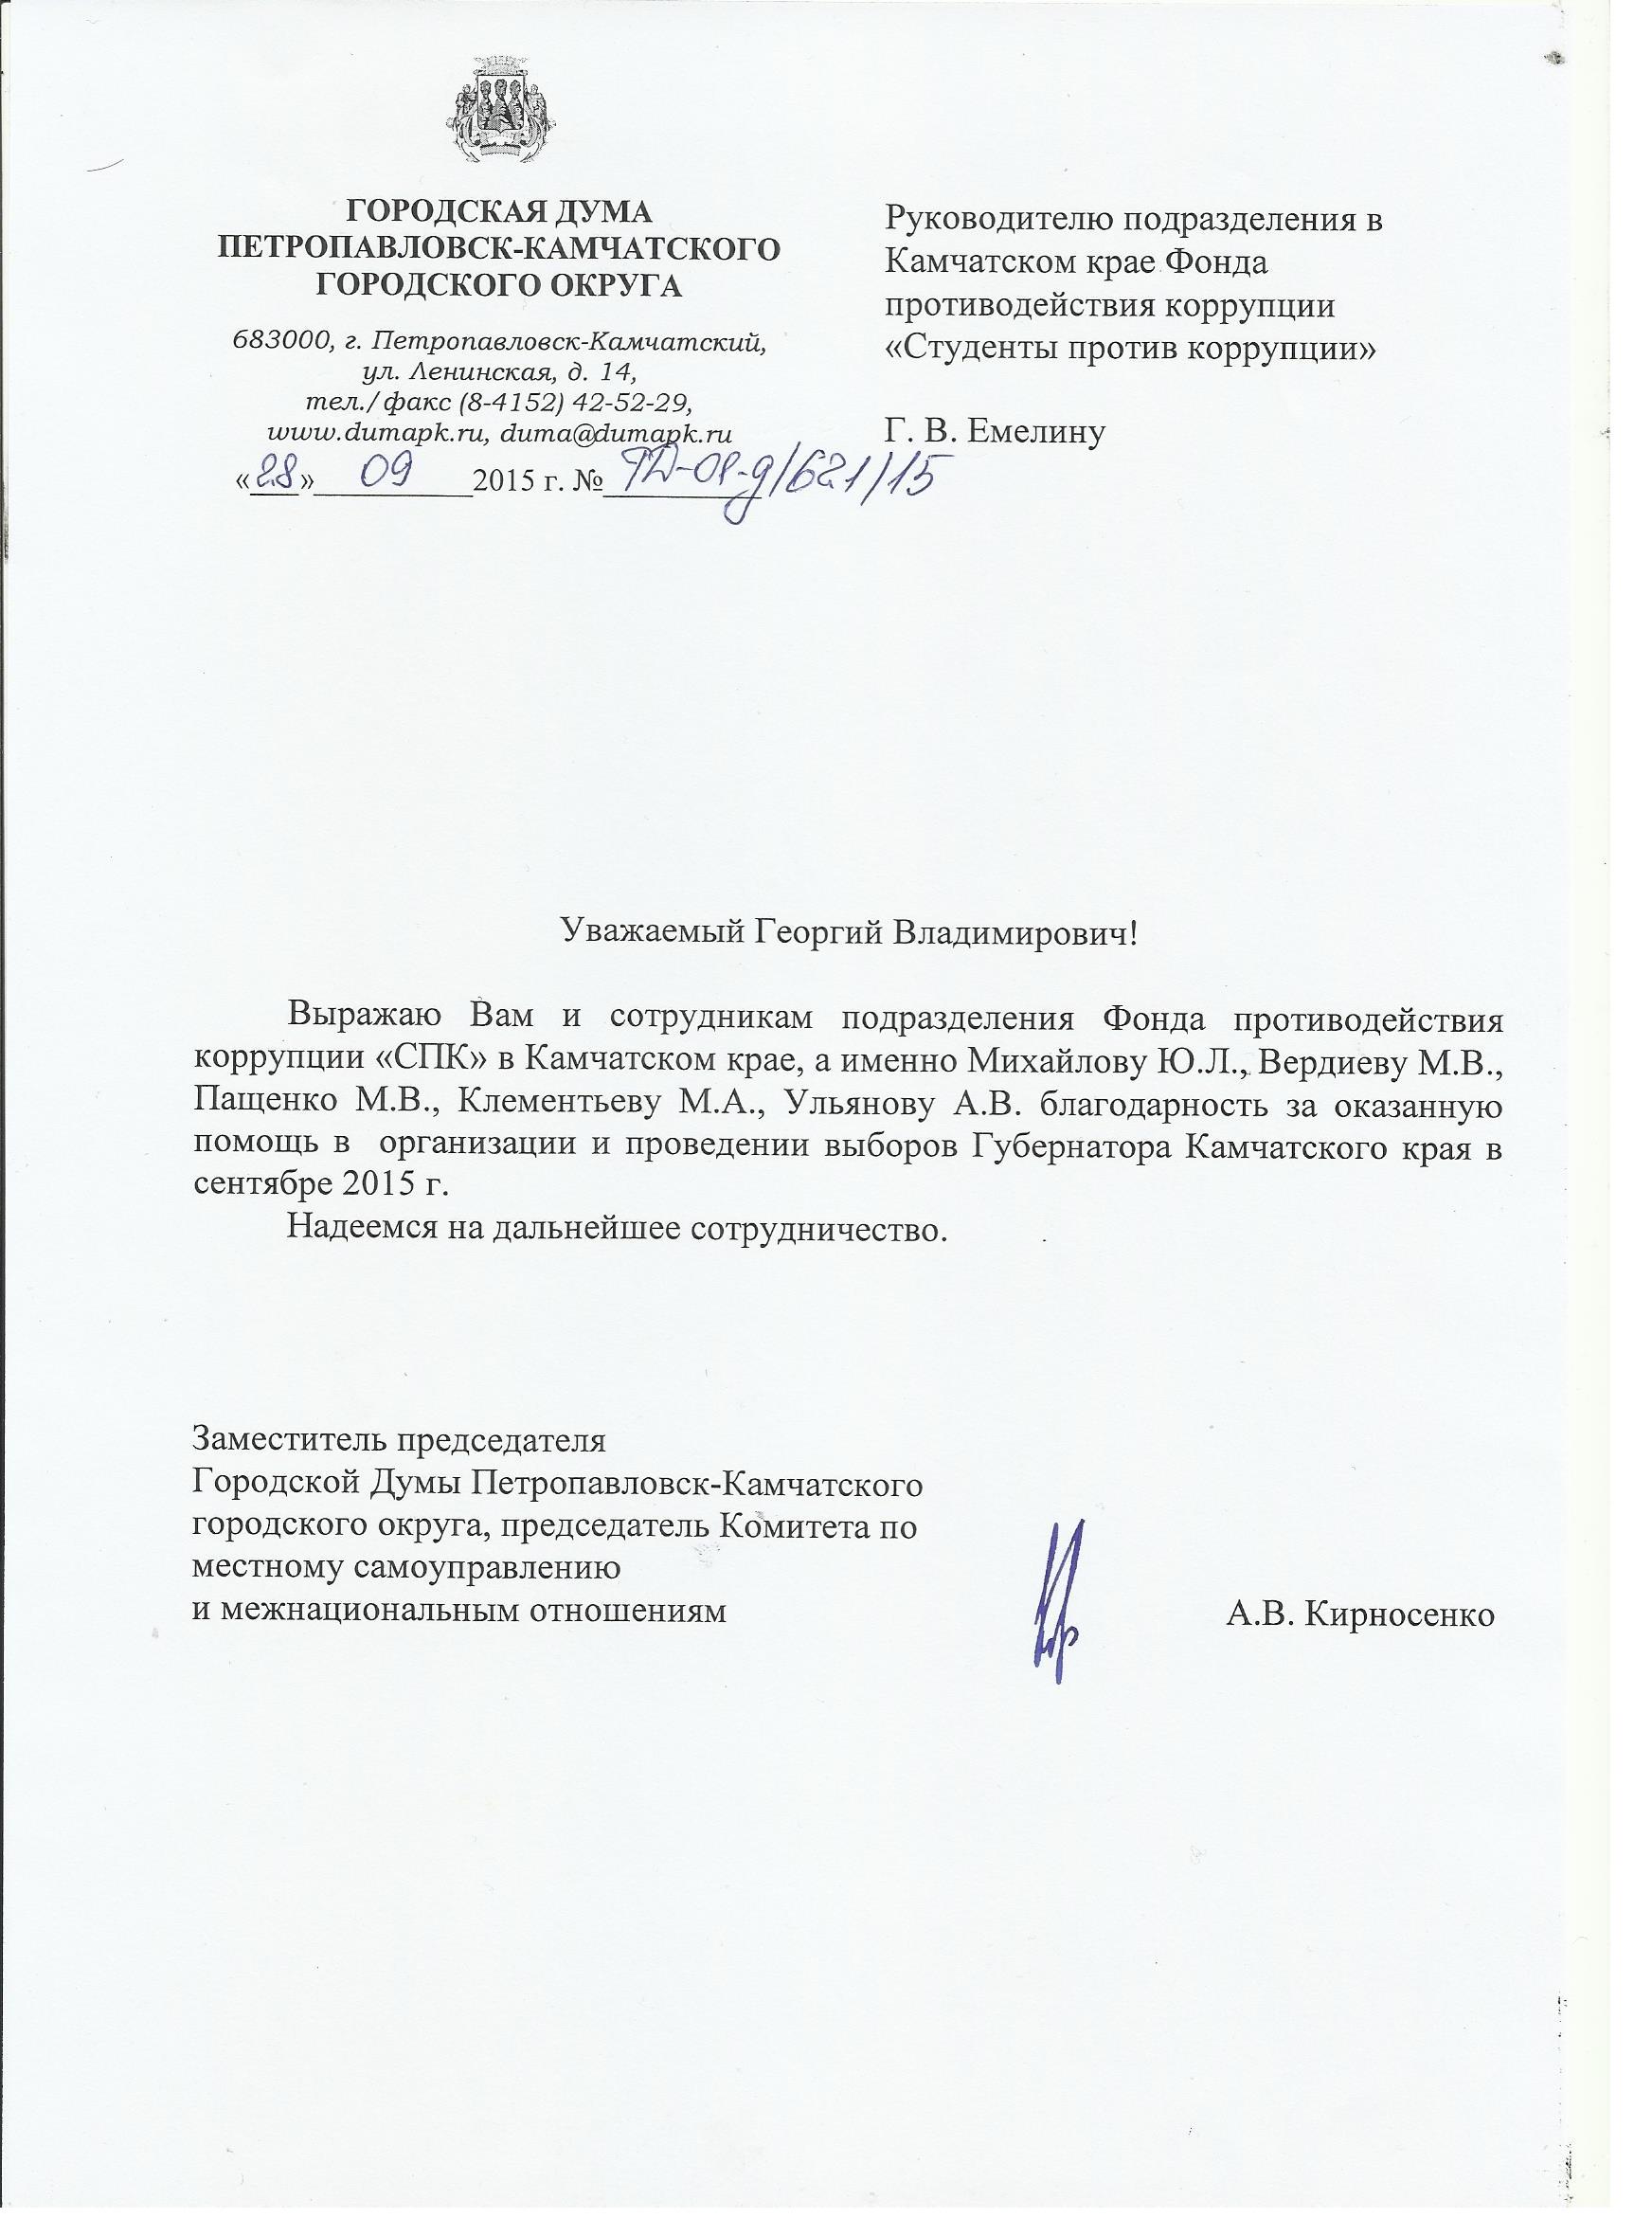 СОТРУДНИКИ Новости о коррупции в Камчатском крае Благодарность Благодарность 88